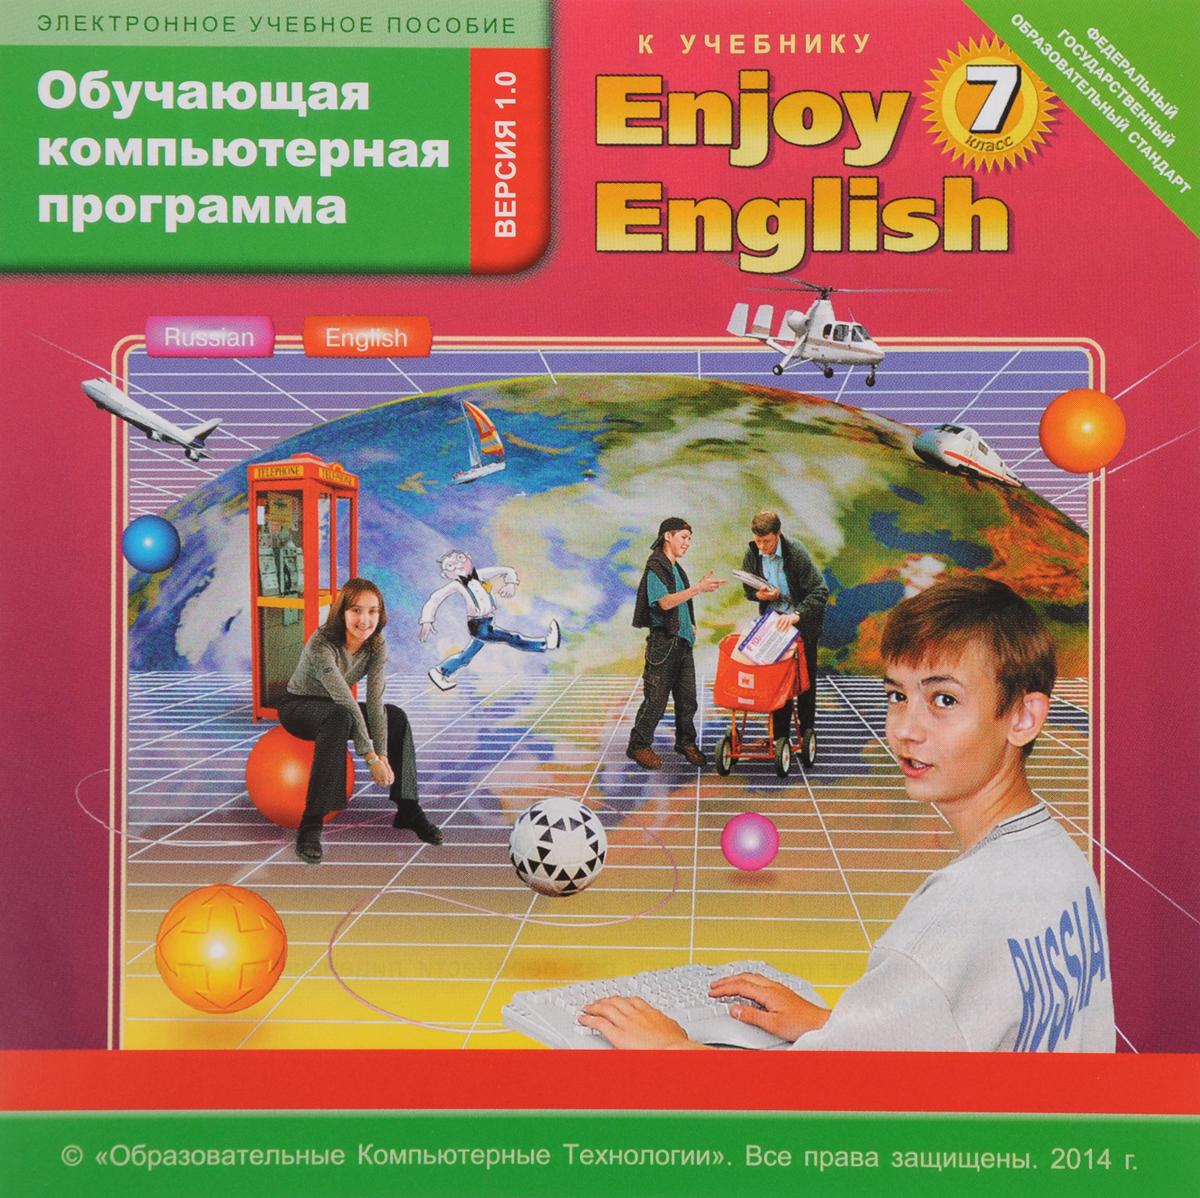 Enjoy English 7 / Английский с удовольствием. 7 класс. Обучающая компьютерная программа